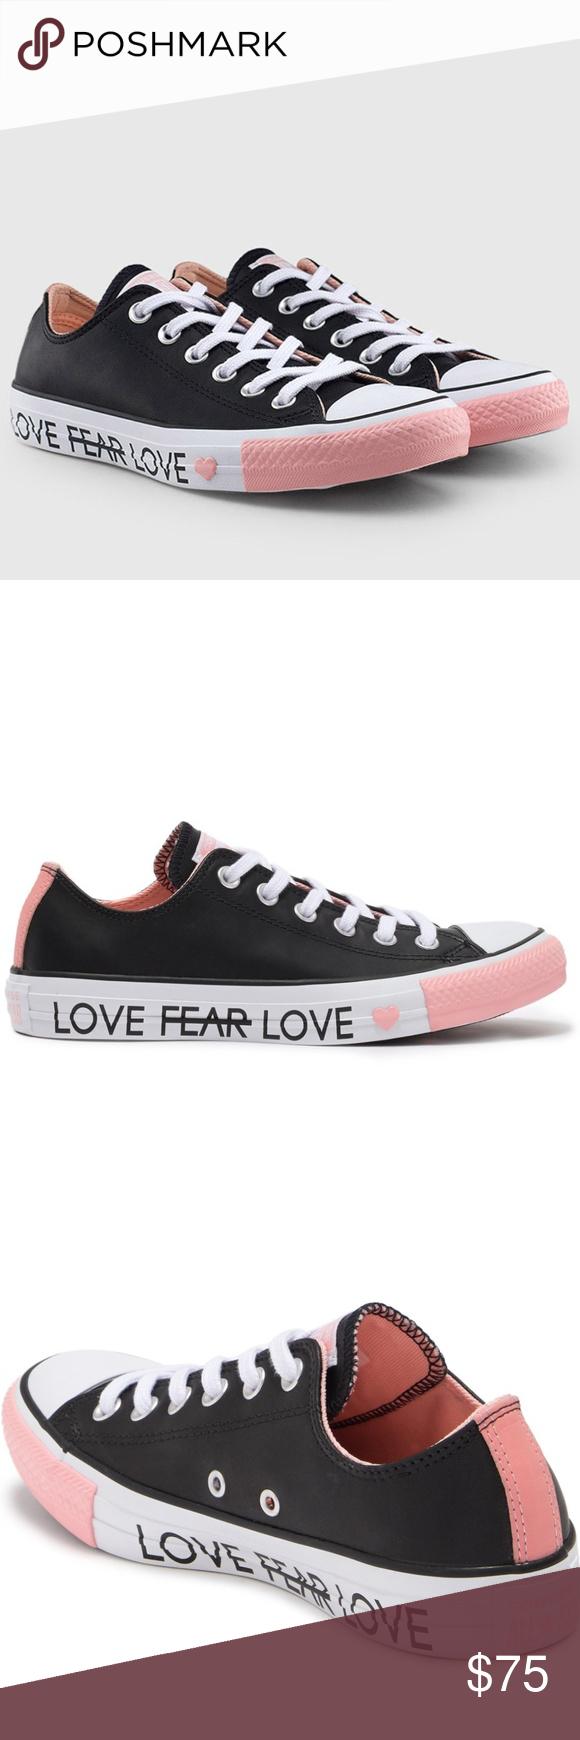 cliente primero a juego en color los más valorados Converse Chuck Taylor Valentines Day Edition Shoes NWT in 2020 ...